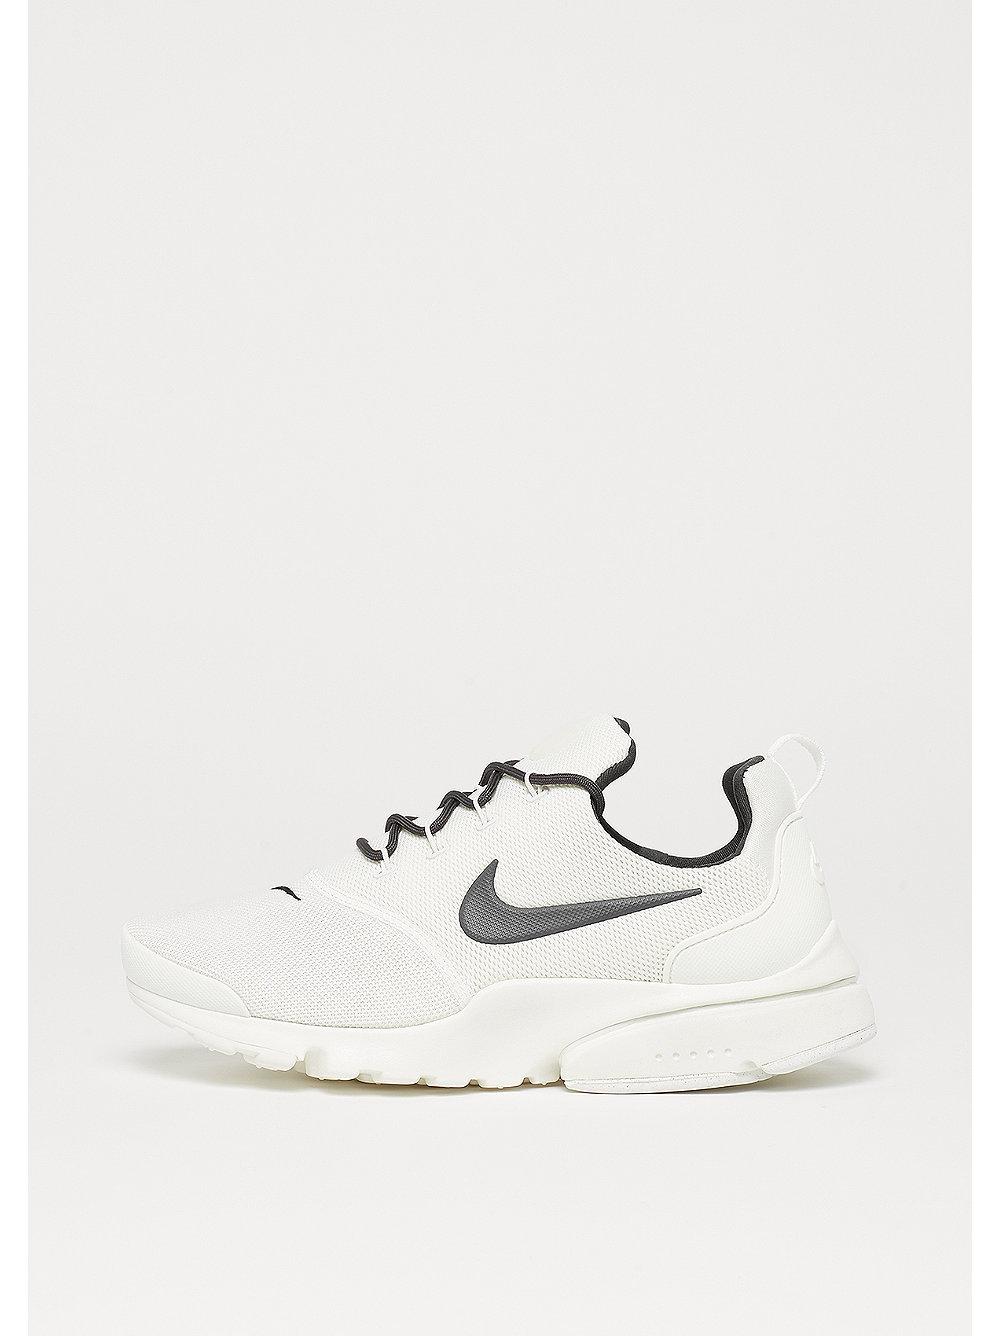 Nike Presto Fly damessneaker wit